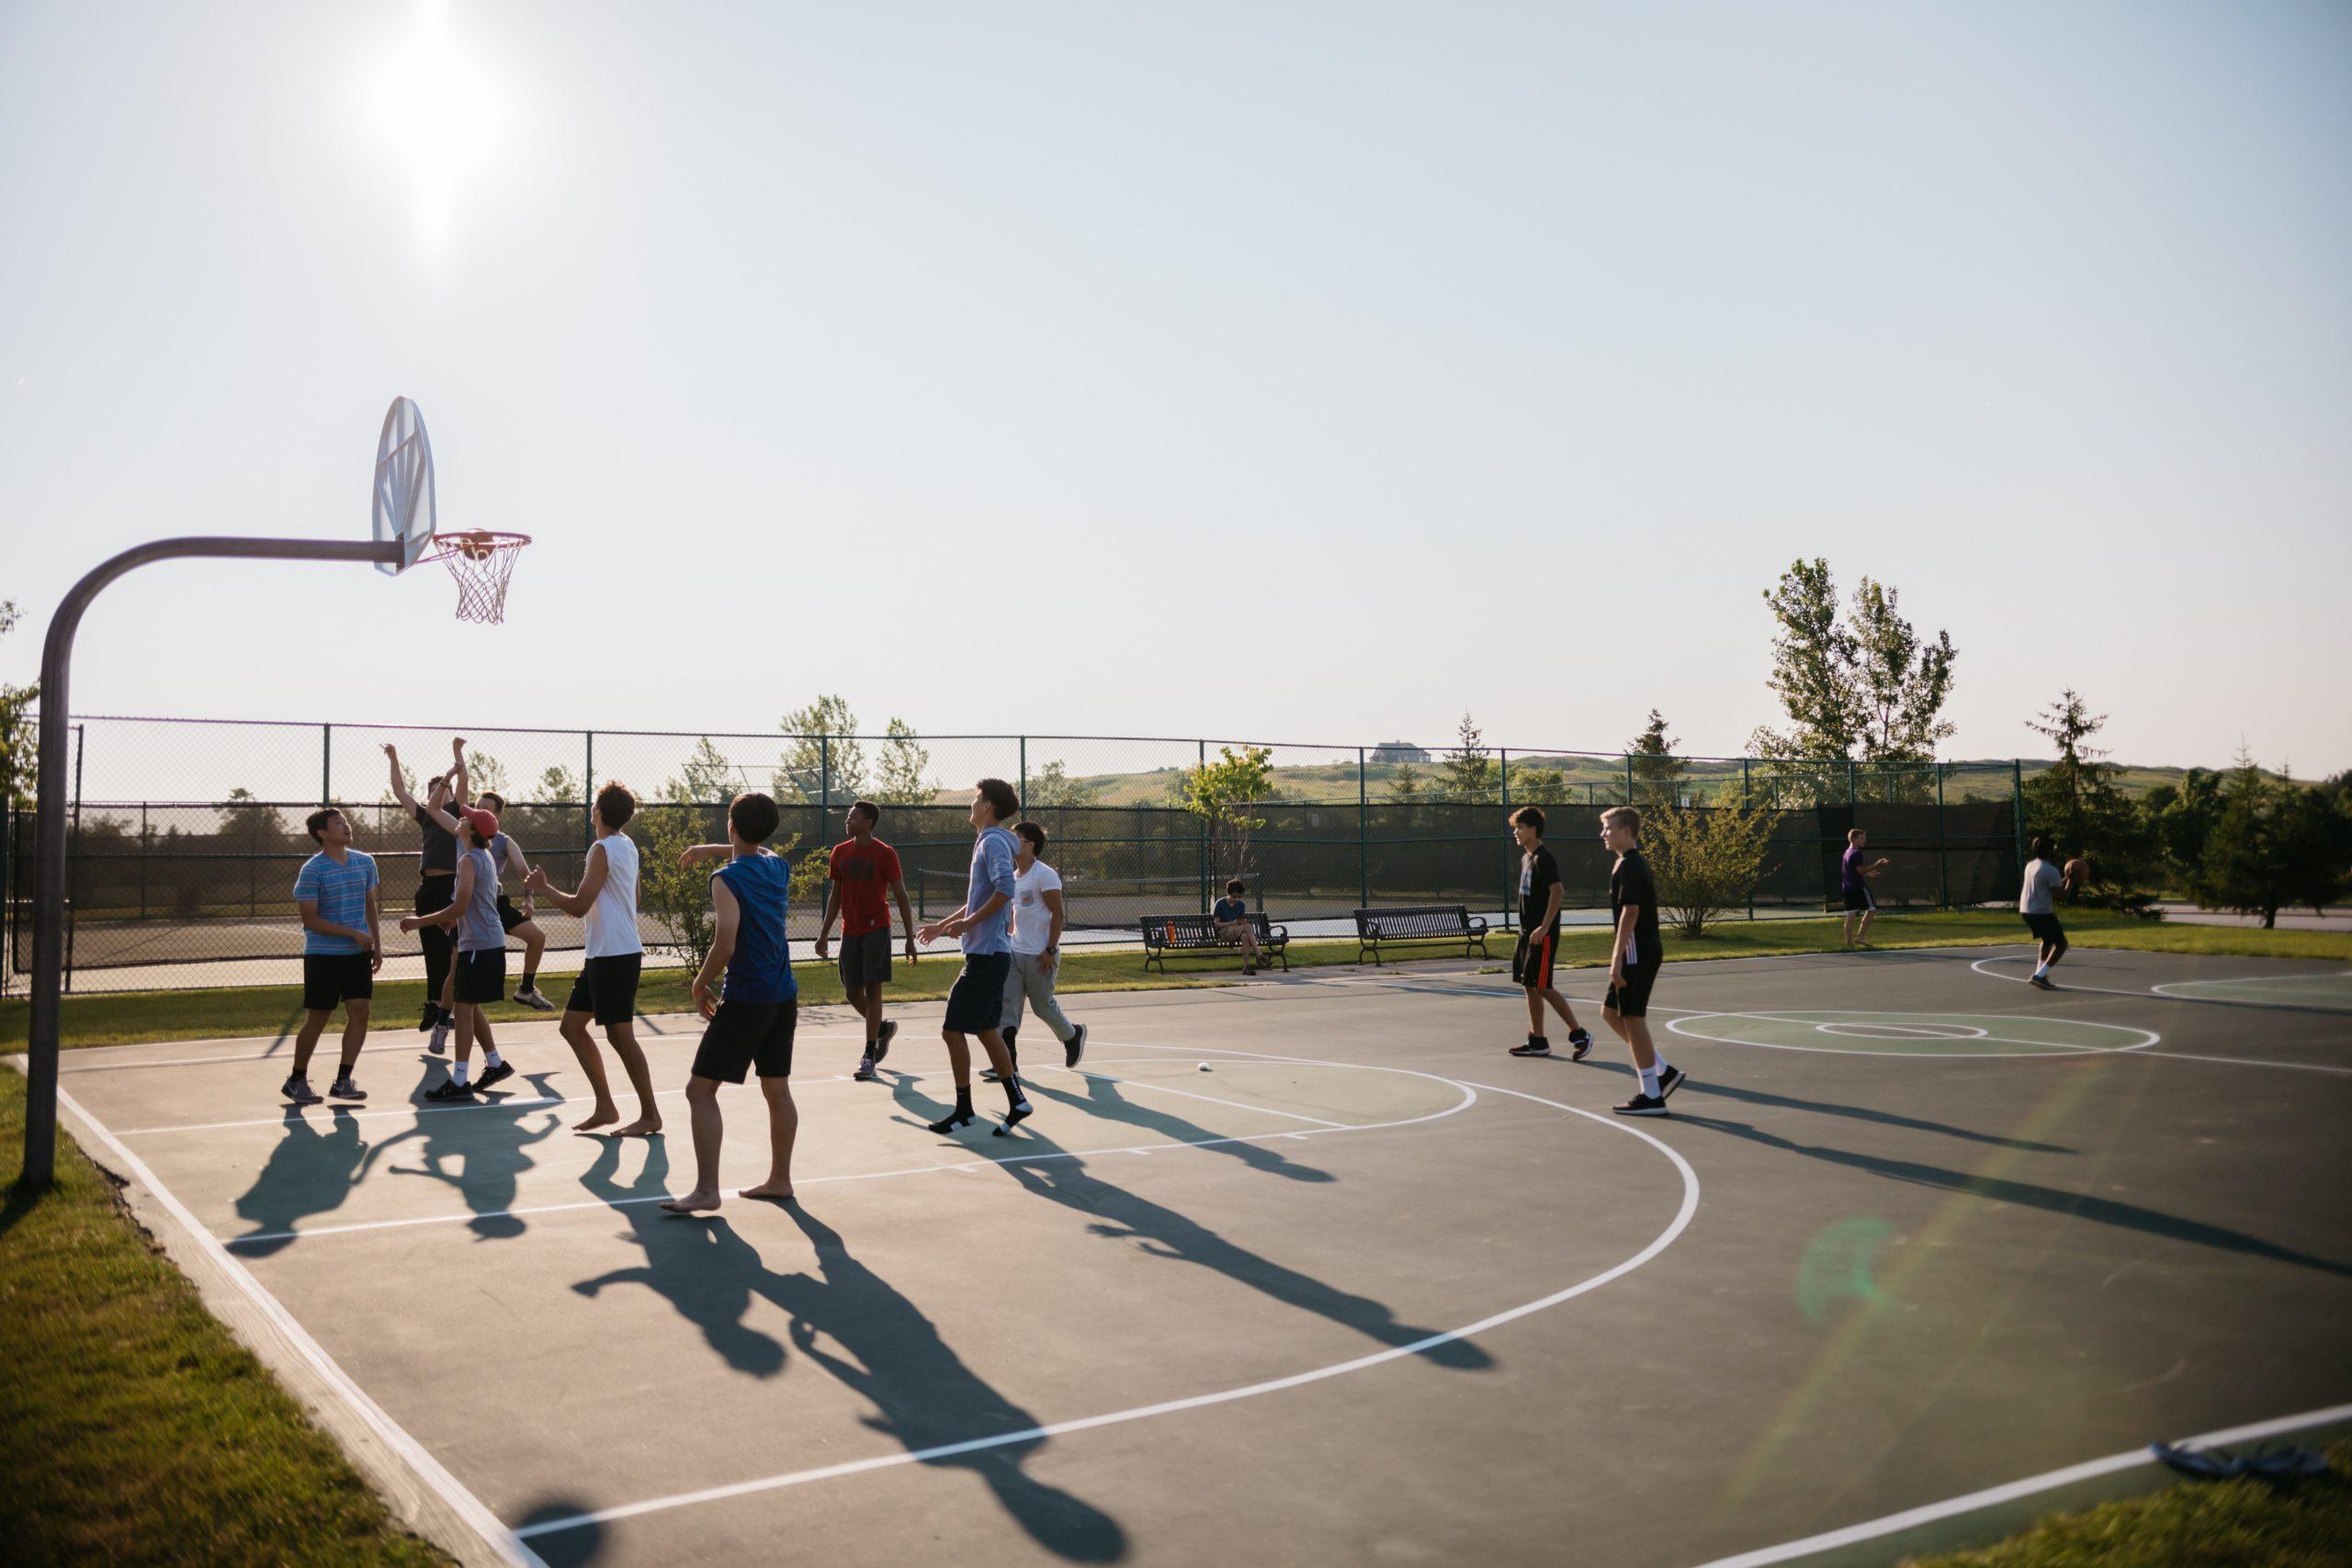 Veste bună pentru locuitorii Sectorului 3. Aceștia vor putea să facă sport pe terenurile școlilor din sector începând cu 1 octombrie. Ce reguli trebuie să respecte